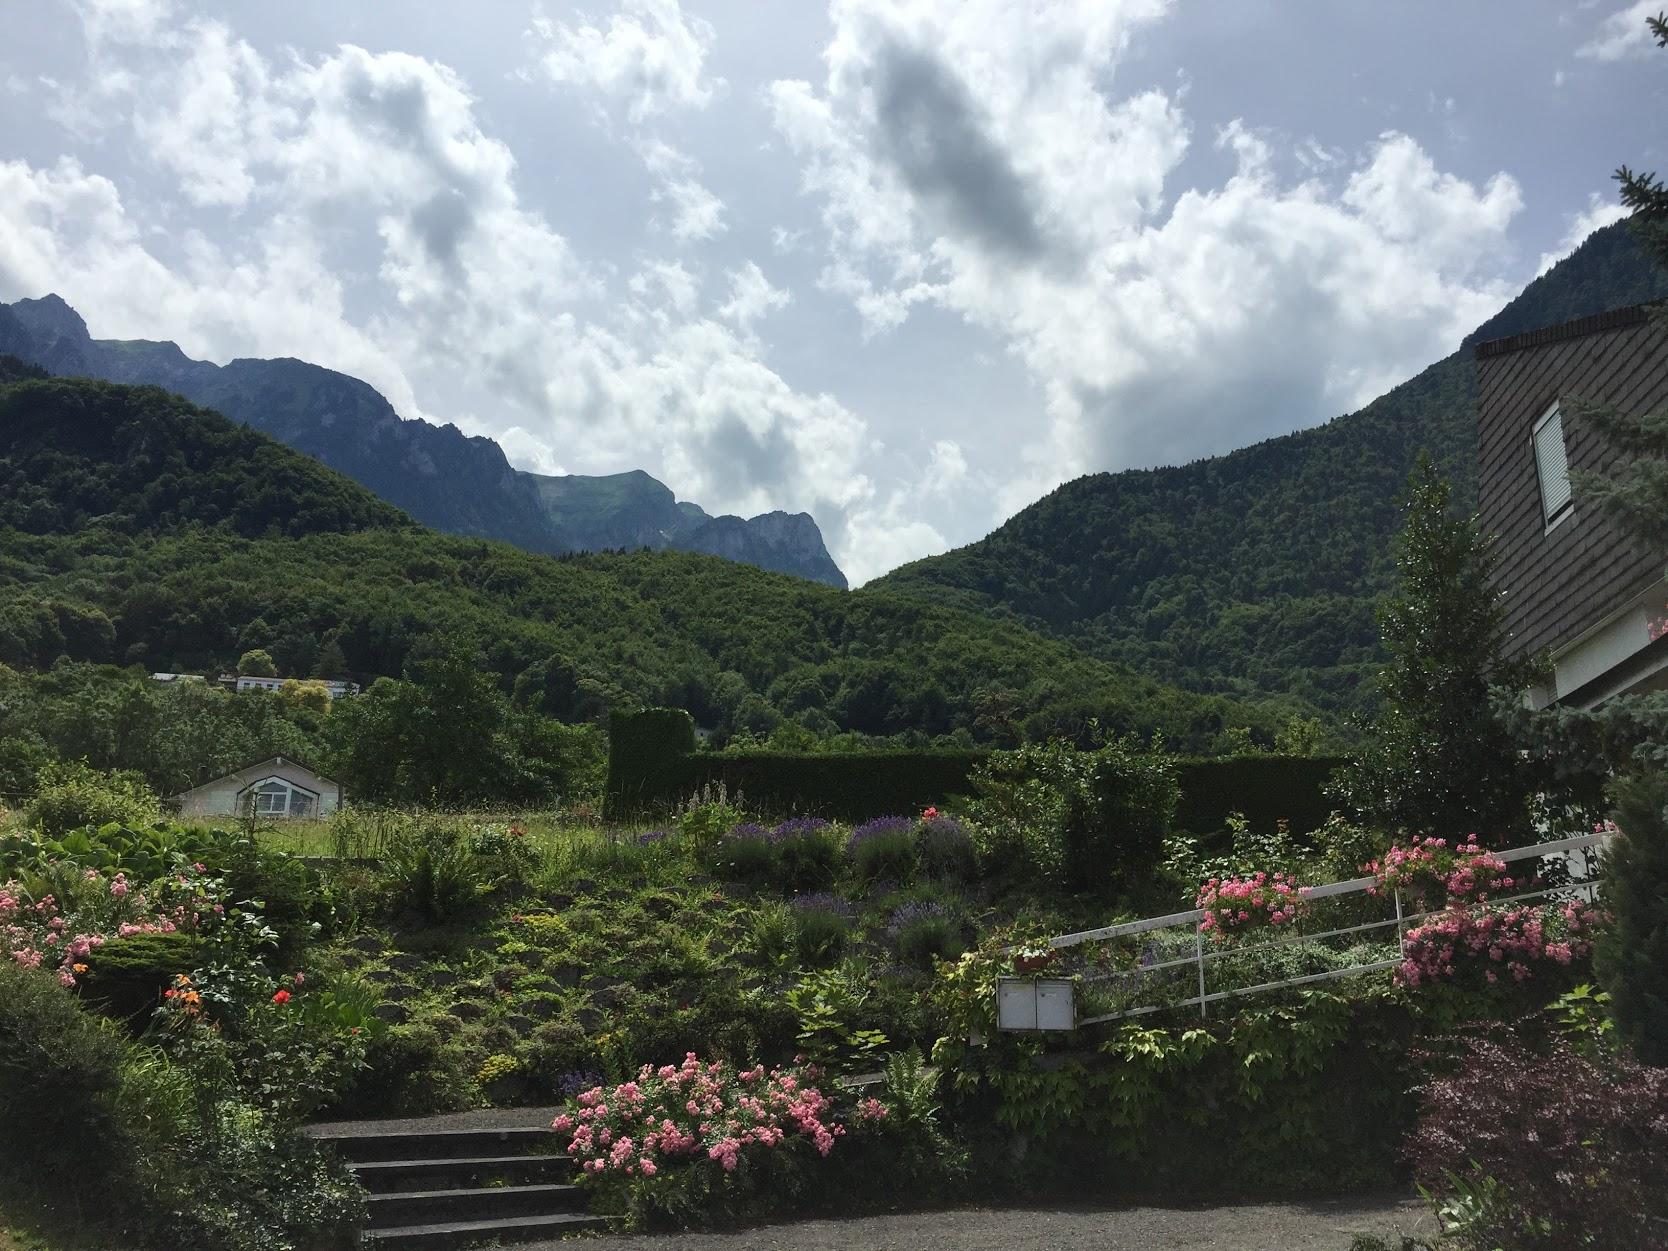 En af de små hyggelige byer jeg passerer på vej op mod campsite, i baggrunden ses toppen jeg skal over.